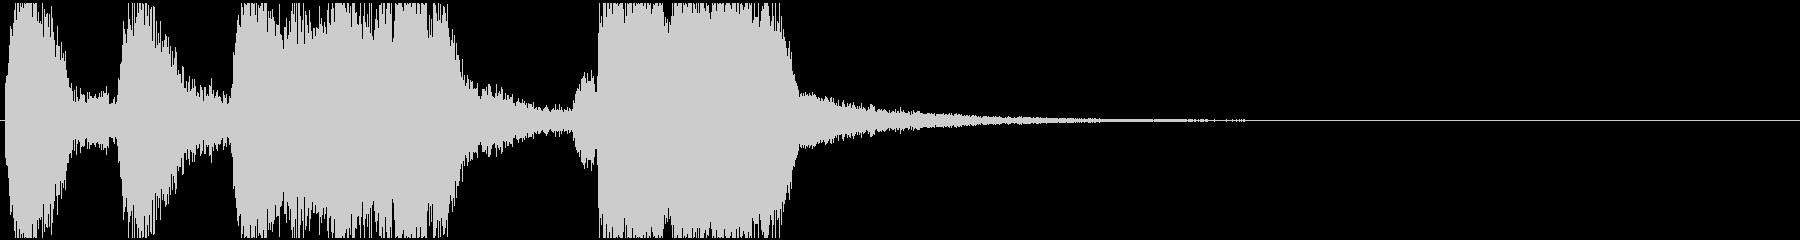 インパクトのあるオープニングロゴの未再生の波形